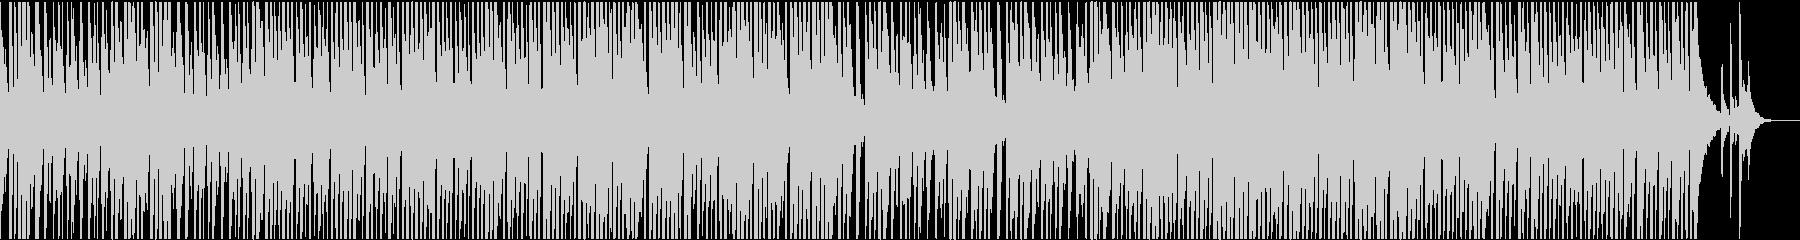 陽気な口笛のカントリーミュージックの未再生の波形